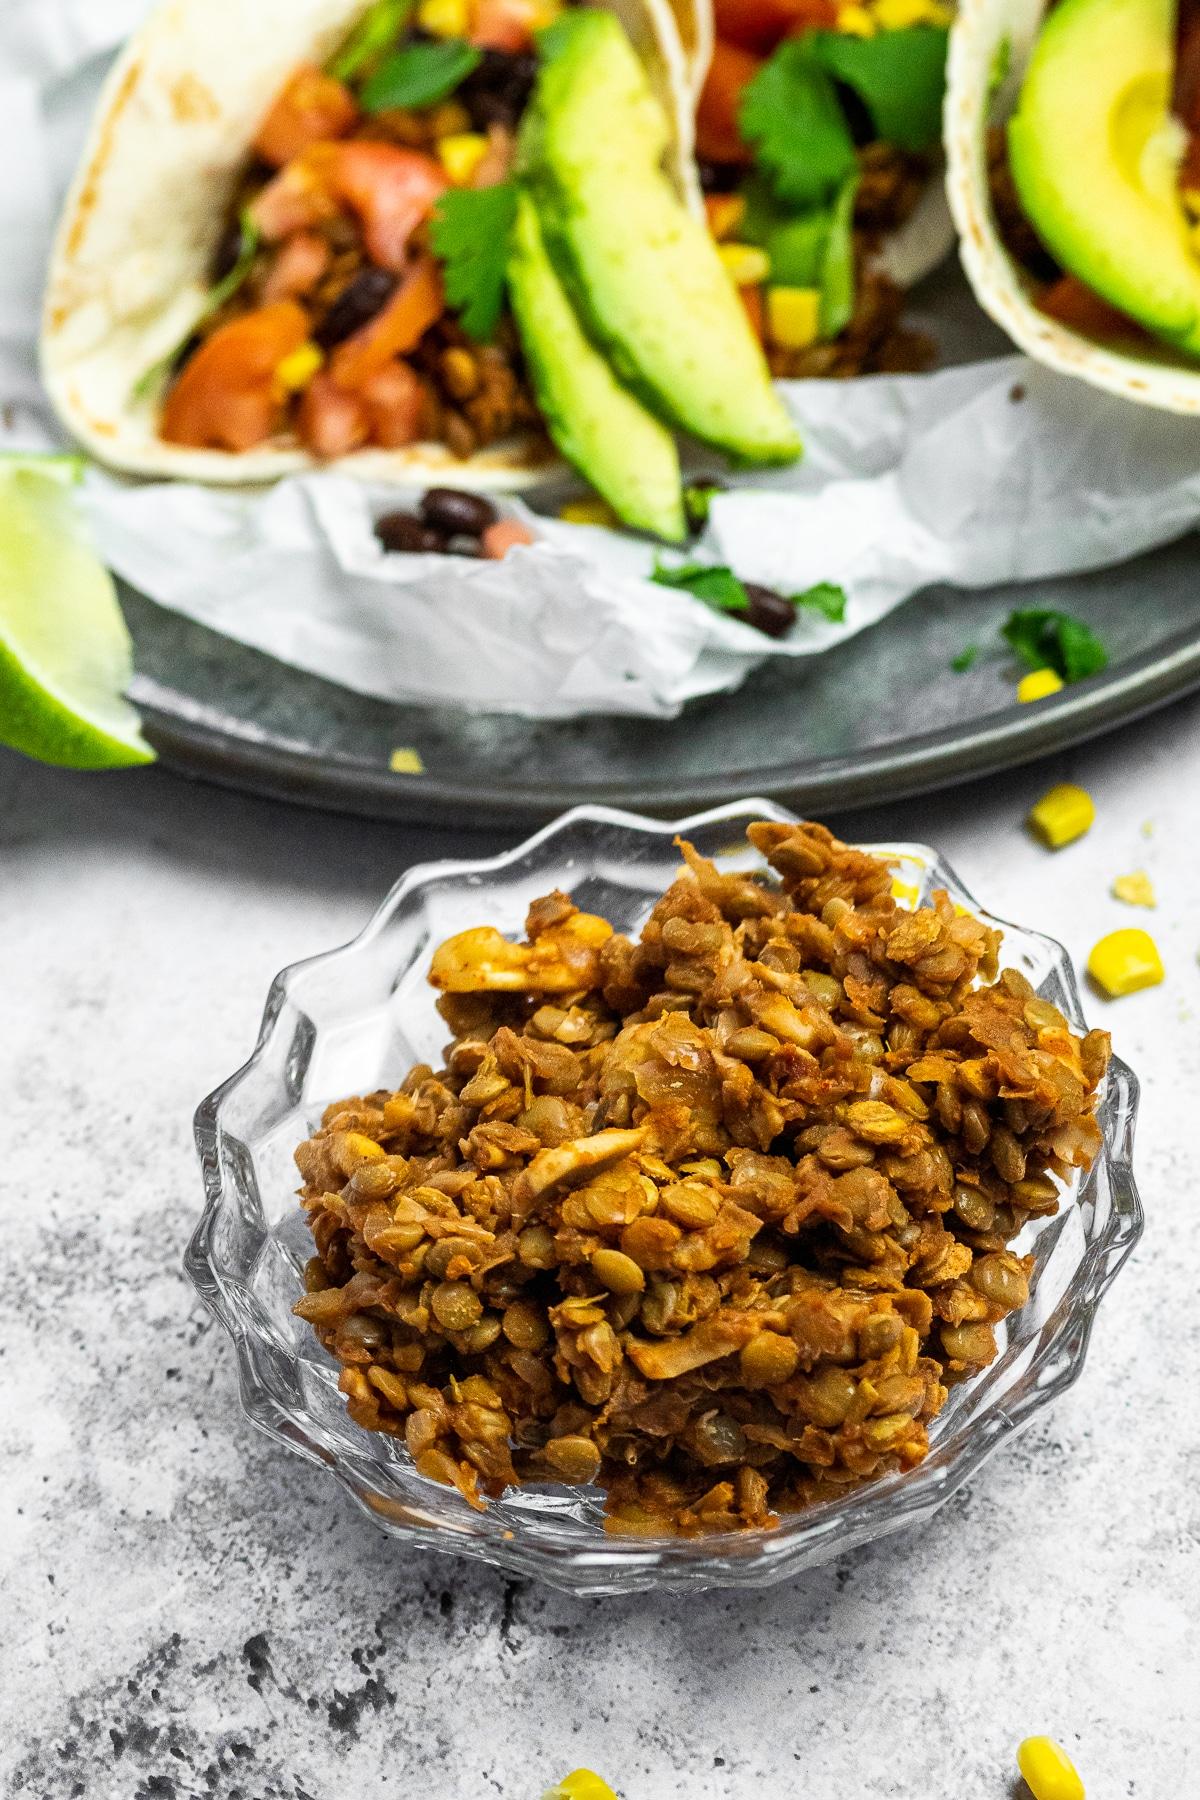 Veganes Taco-Fleisch in einer Schüssel mit Tacos im Hintergrund verschwommen.